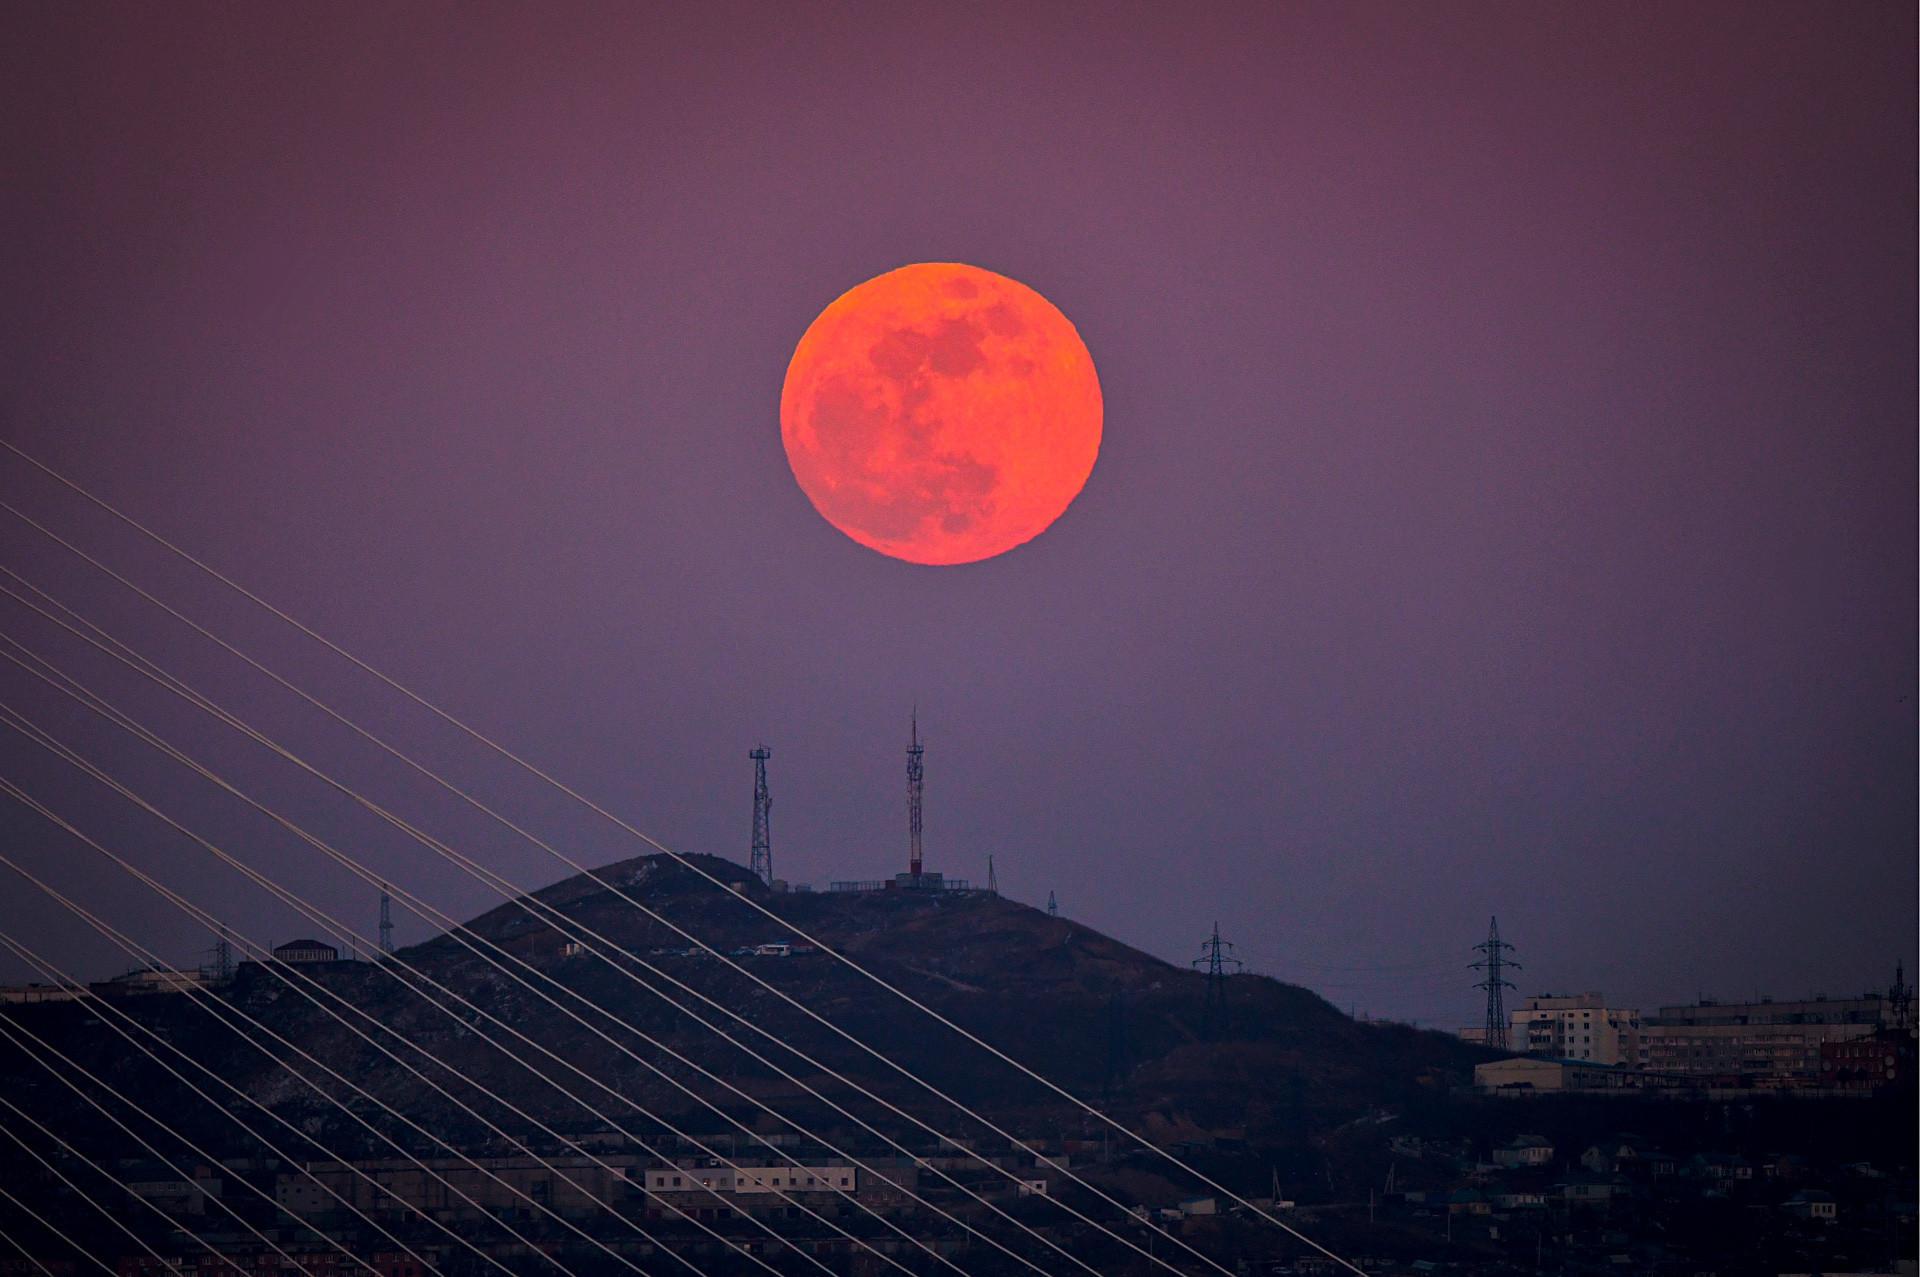 Puni crveni Mjesec se uzdiže iznad brda u Vladivostoku na Dalekom istoku Rusije u istovremenom spoju tri lunarna fenomena - Supermjeseca, krvavog Mjeseca i pomrčine Mjeseca. Vladivostok, Rusija.